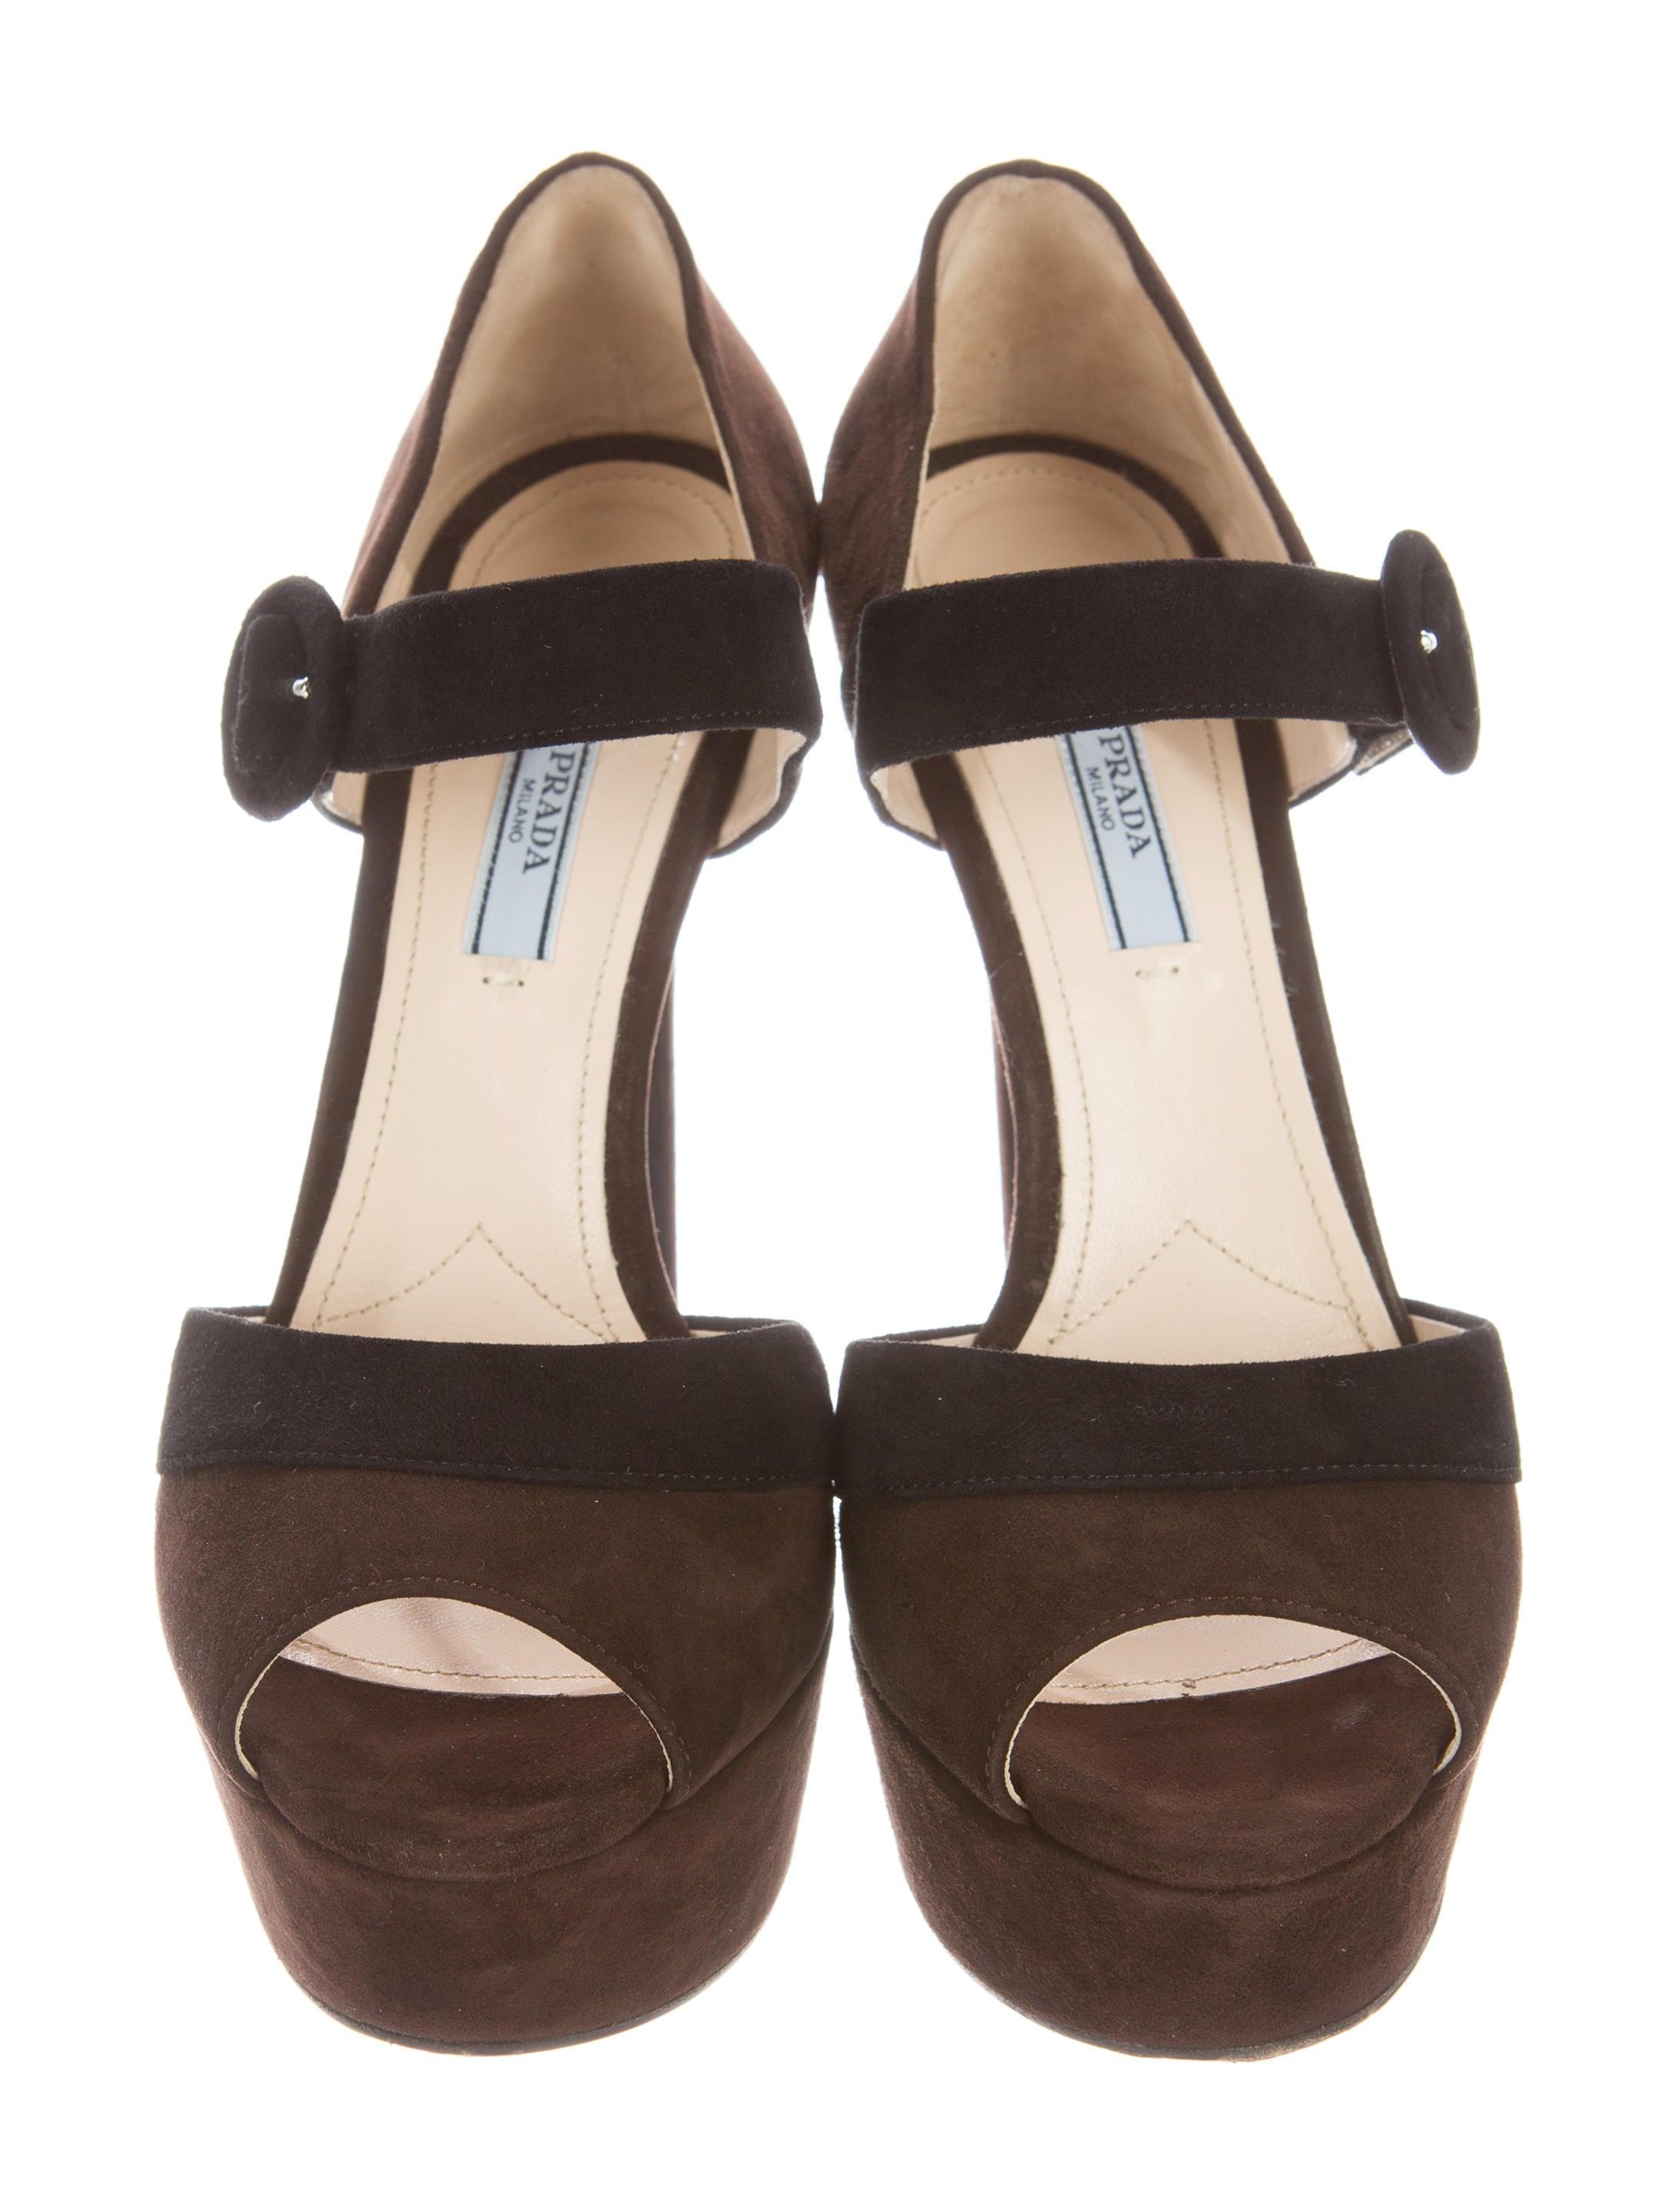 Prada Suede Platform Sandals - Shoes - PRA135040 | The